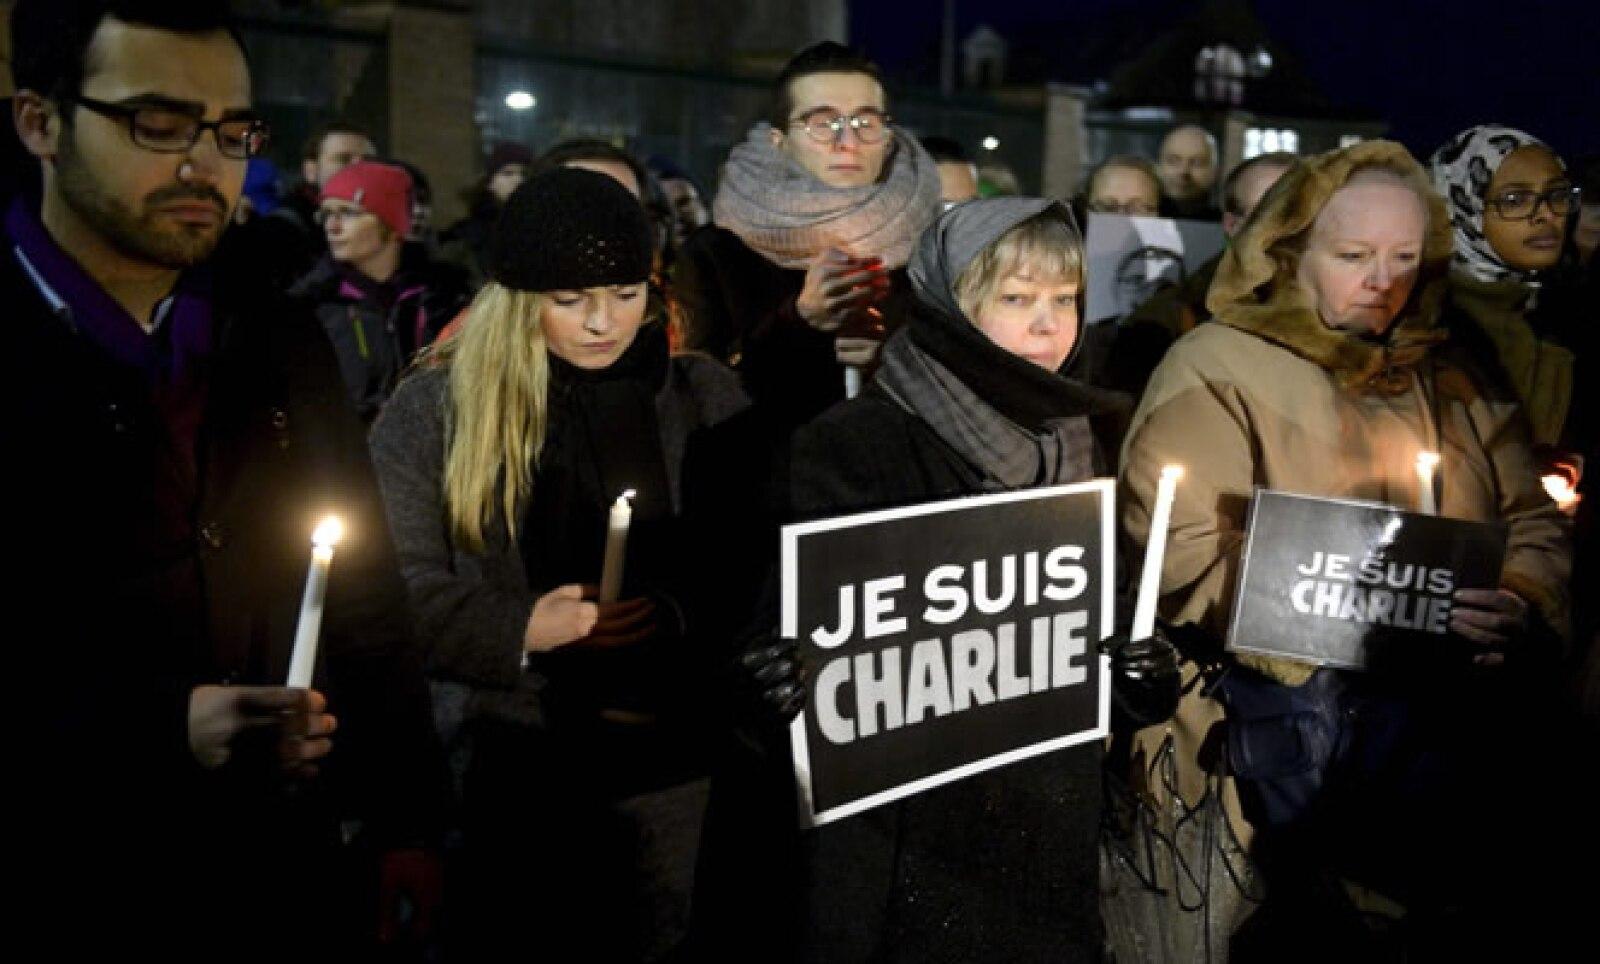 Las personas participaron en una velada para rendir homenaje a las víctimas.